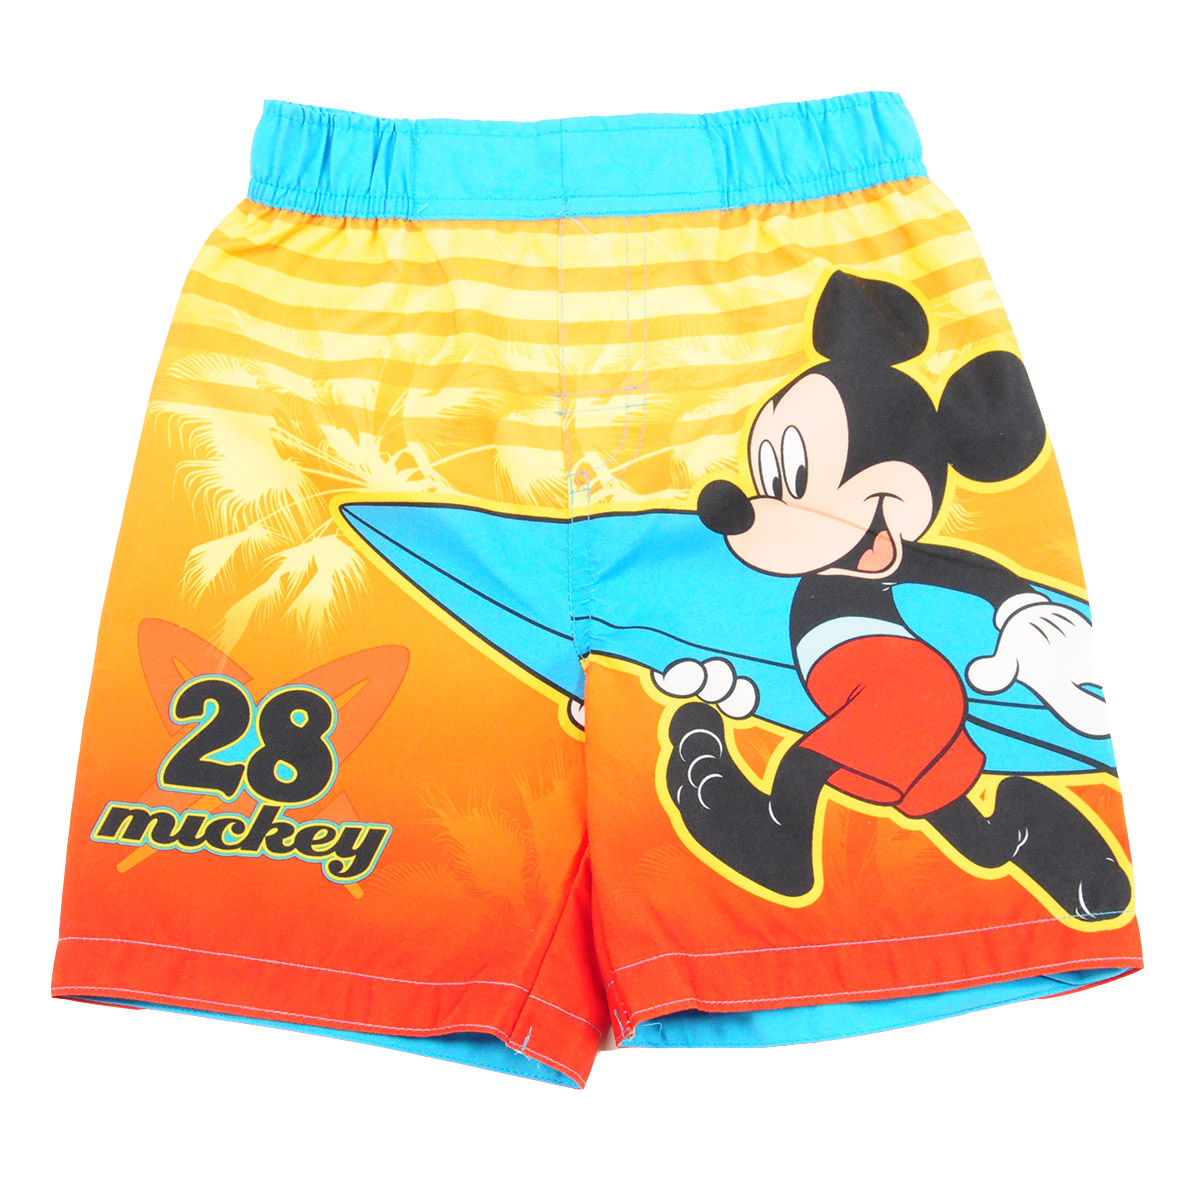 Купить шорты для детей с Микки-Маусом